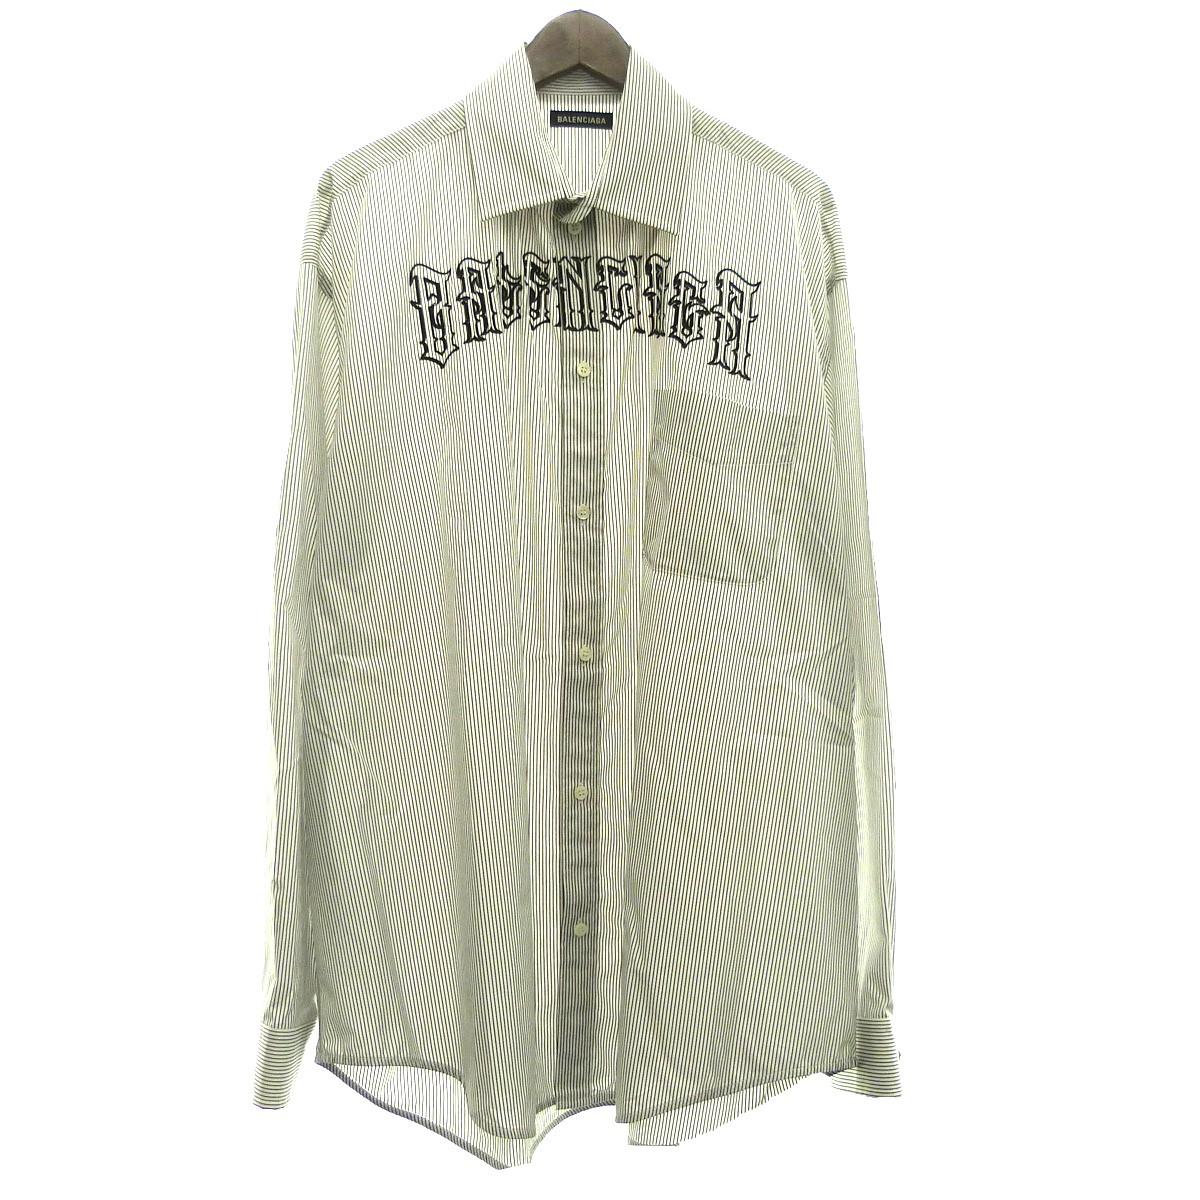 【中古】BALENCIAGA 19SS タトゥーロゴストライプシャツ ホワイト×ブラック サイズ:38 【010320】(バレンシアガ)